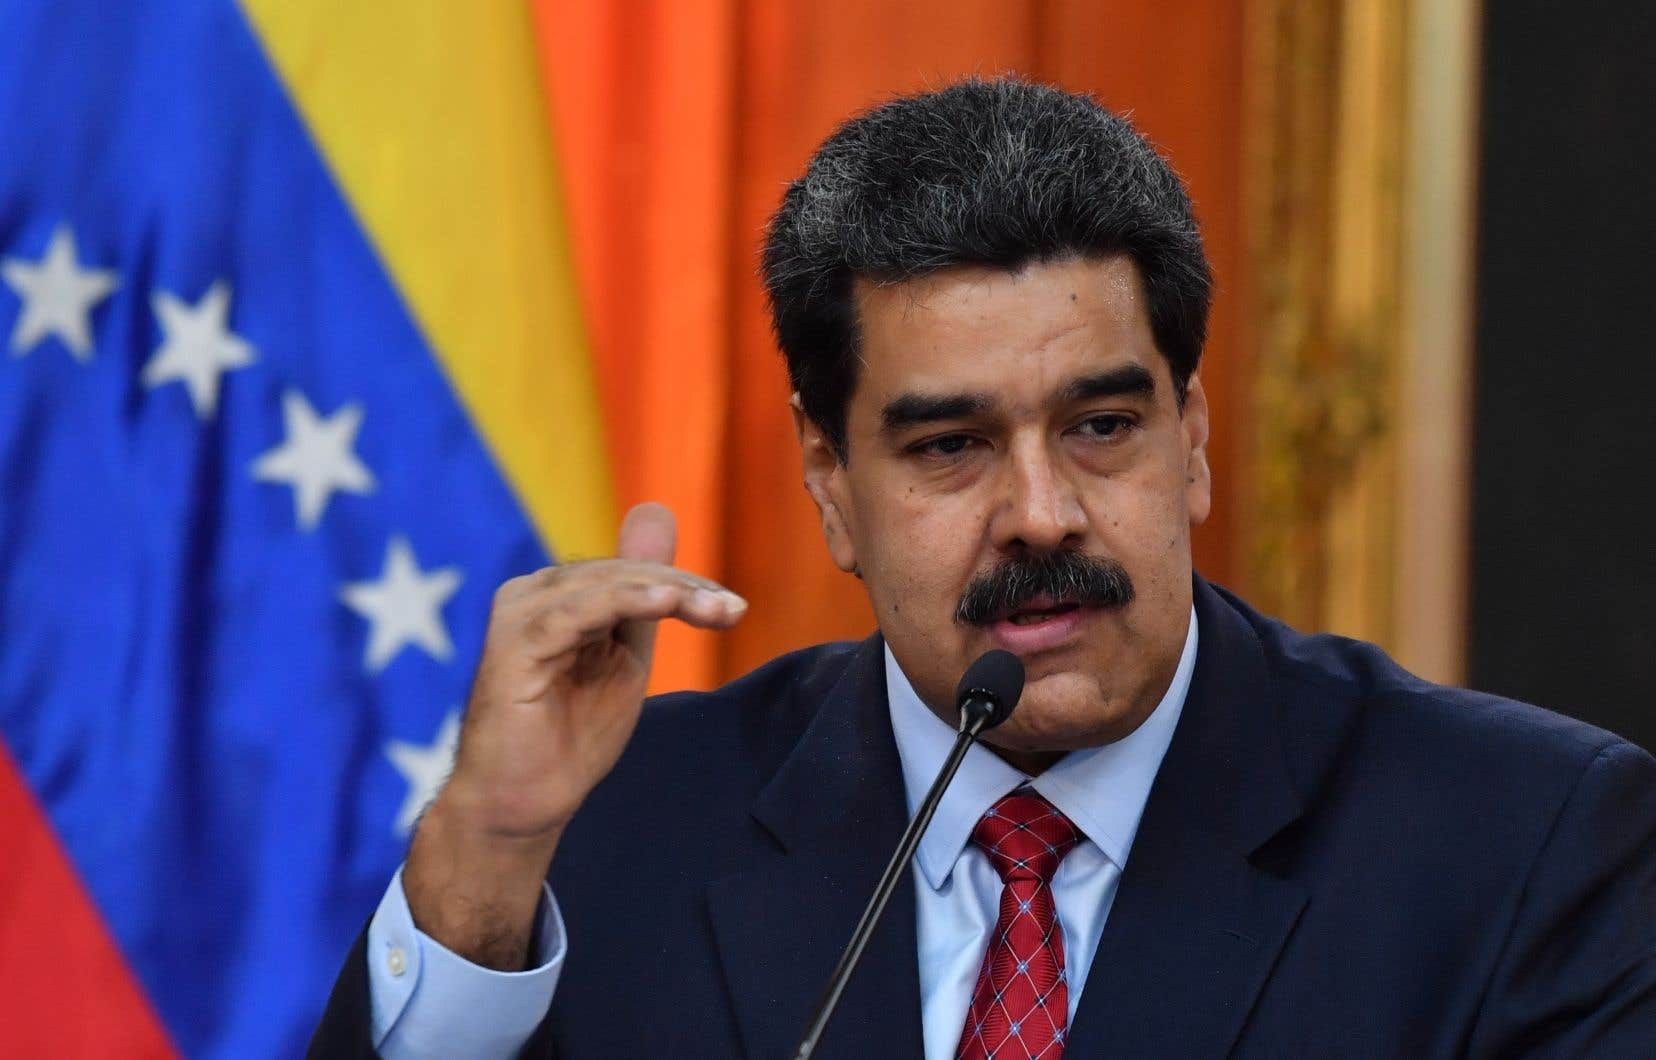 Mercredi, Nicolas Maduro avait annoncé la rupture des relations diplomatiques avec les États-Unis.